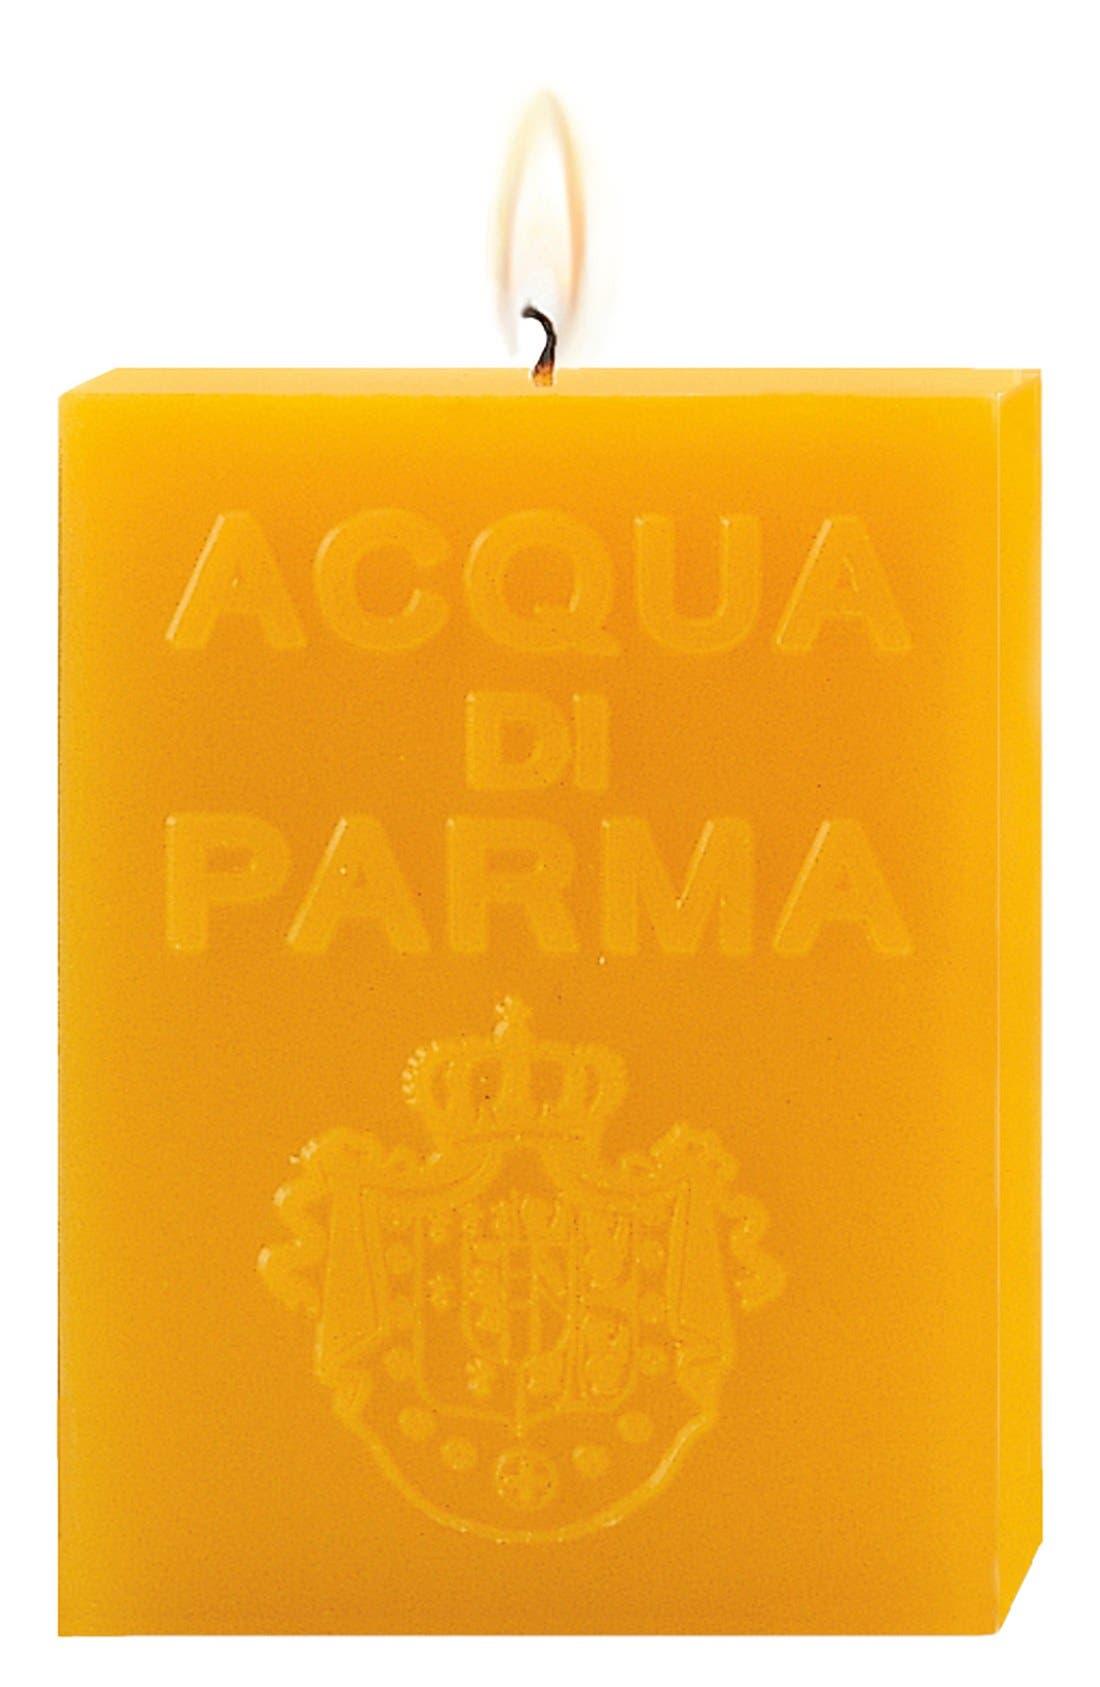 Acqua di Parma 'Yellow Colonia' Cube Candle